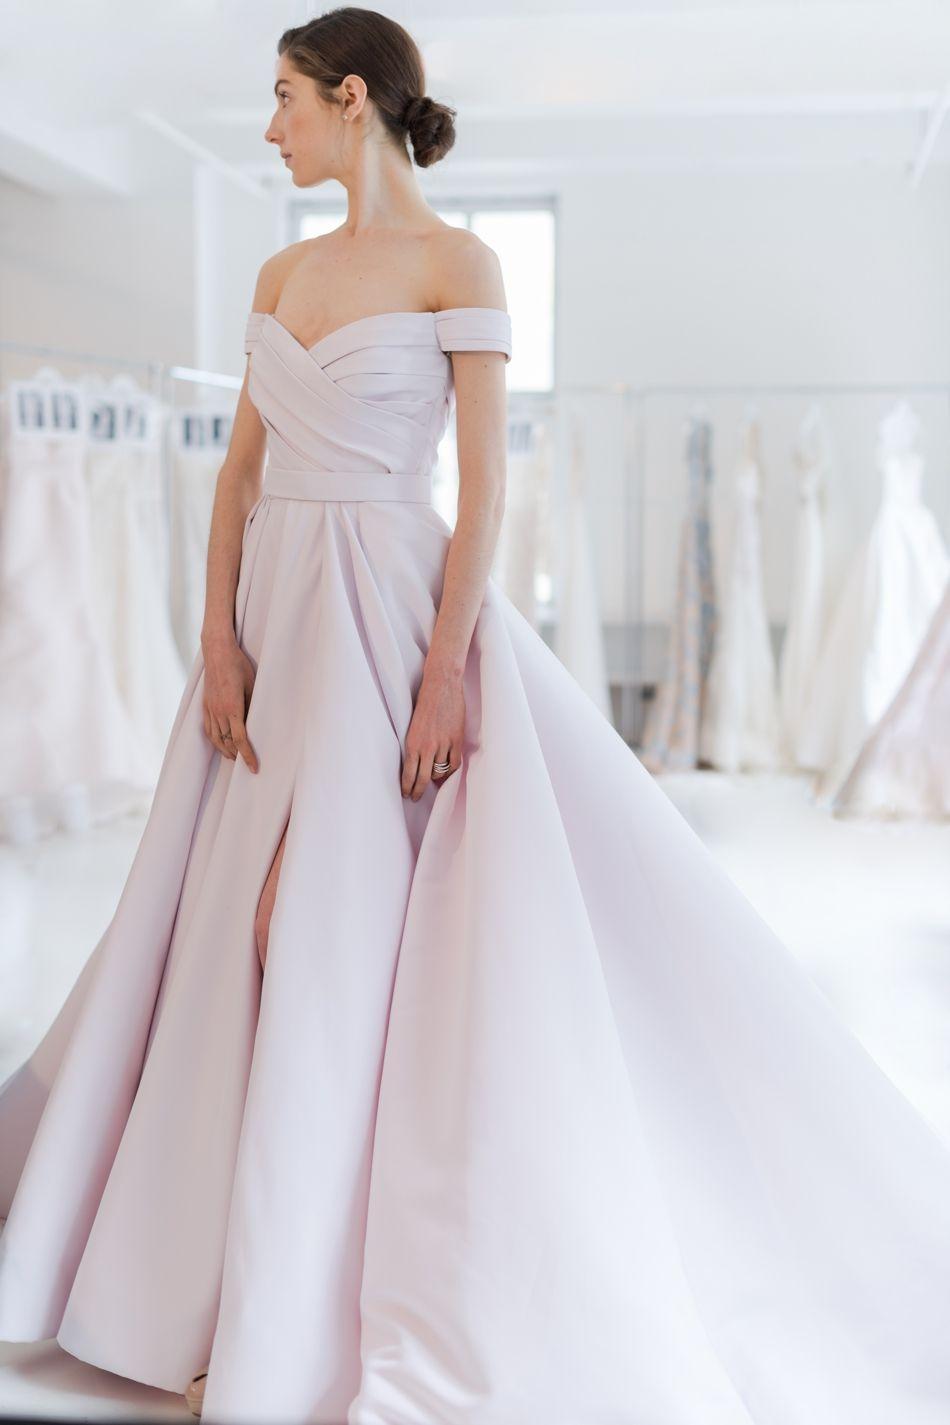 Ny Bridal Fashion Week Wedding Dresses And Designers Pinterest